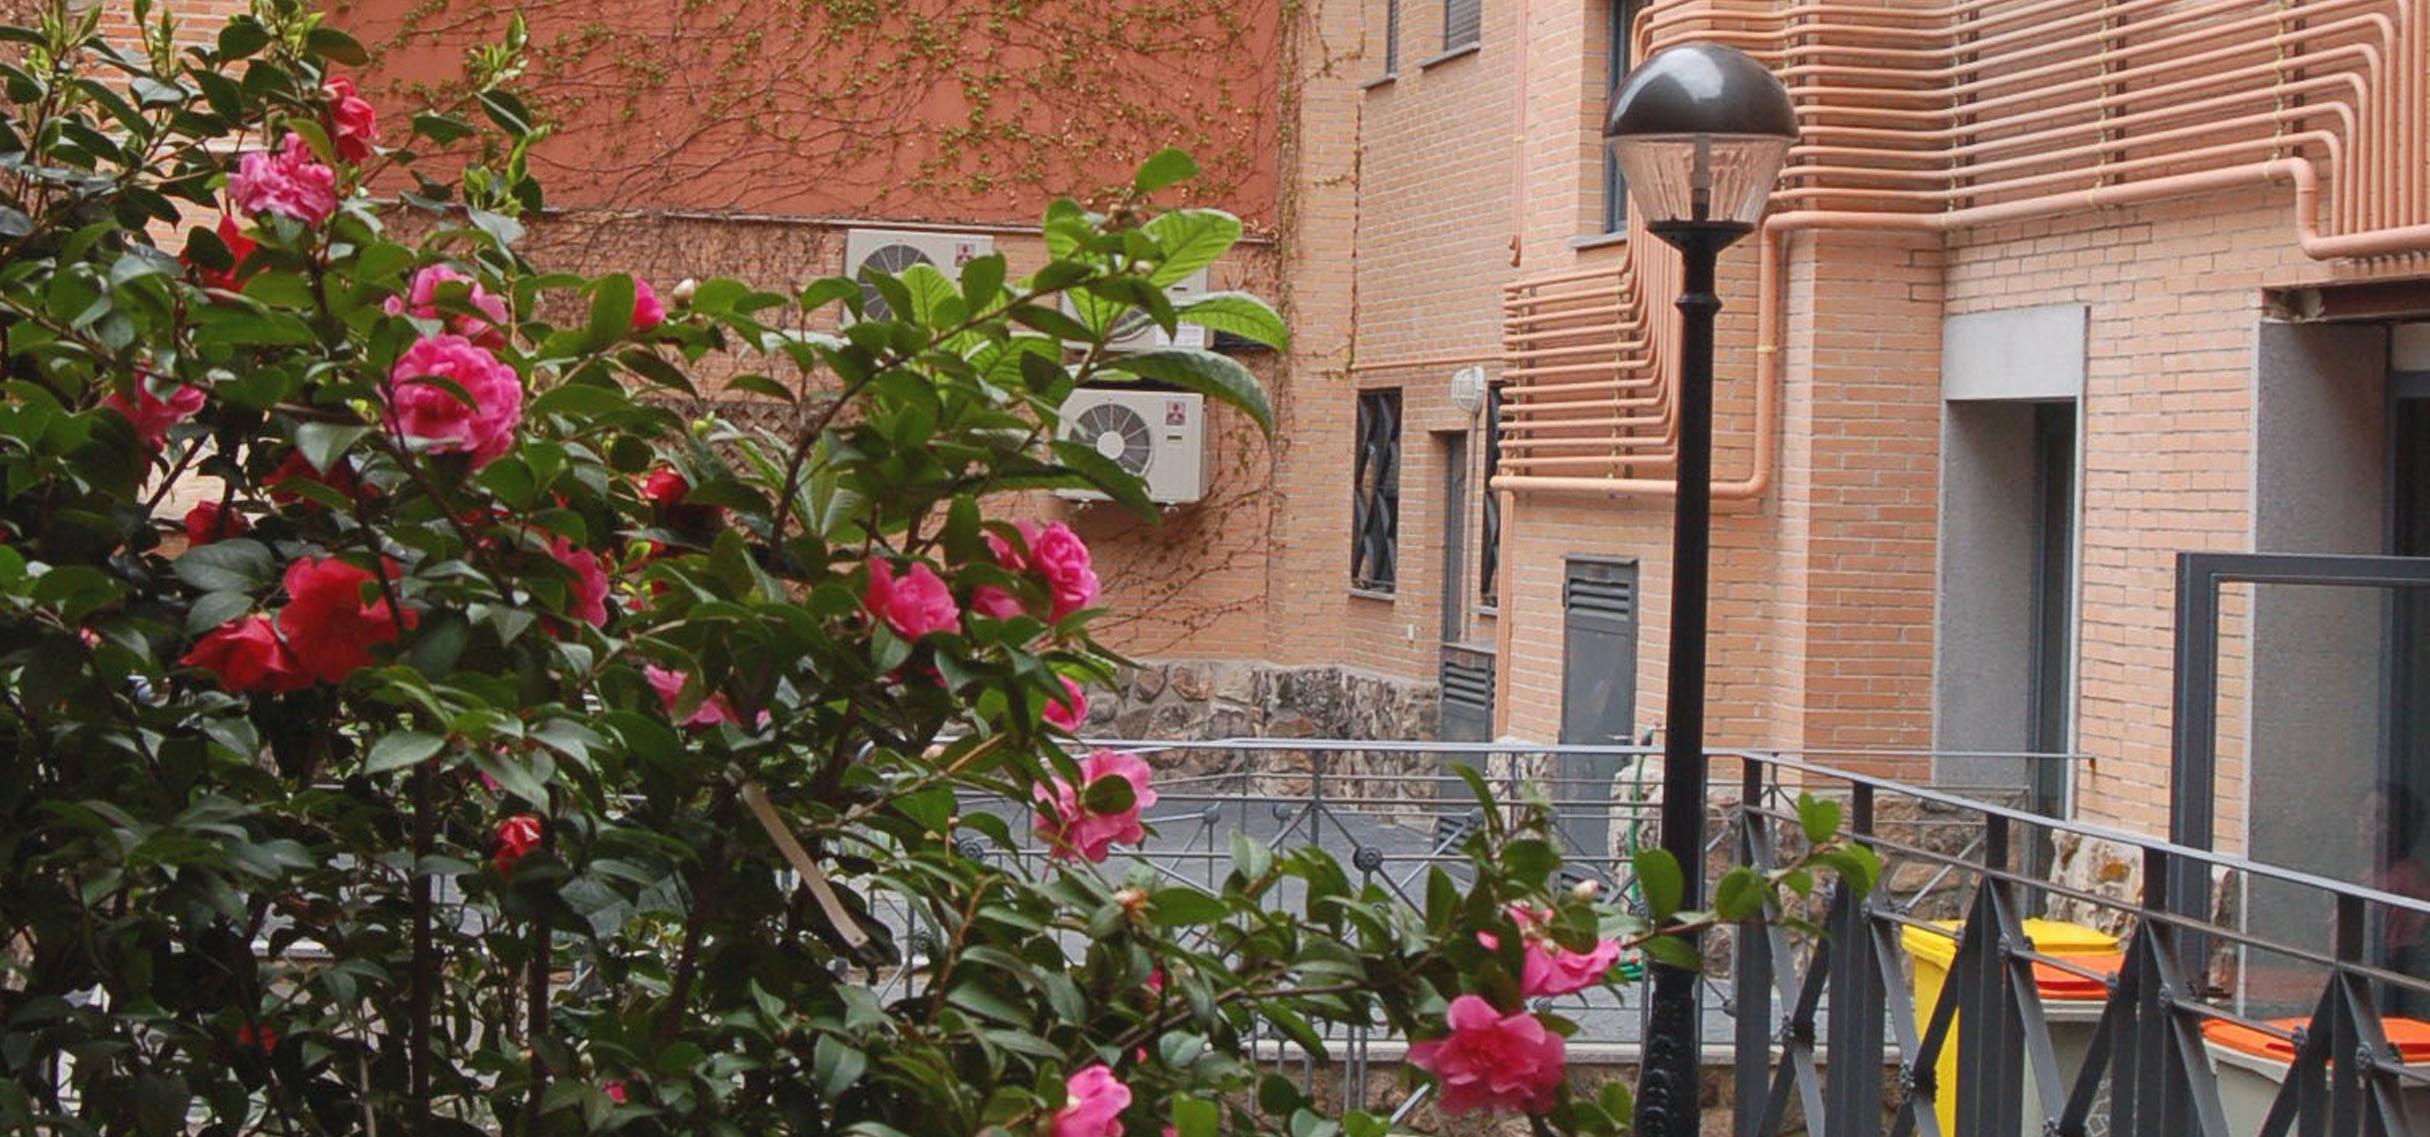 Apartamentos econ micos en alquiler en madrid 1 - Busco habitacion para alquilar en madrid ...